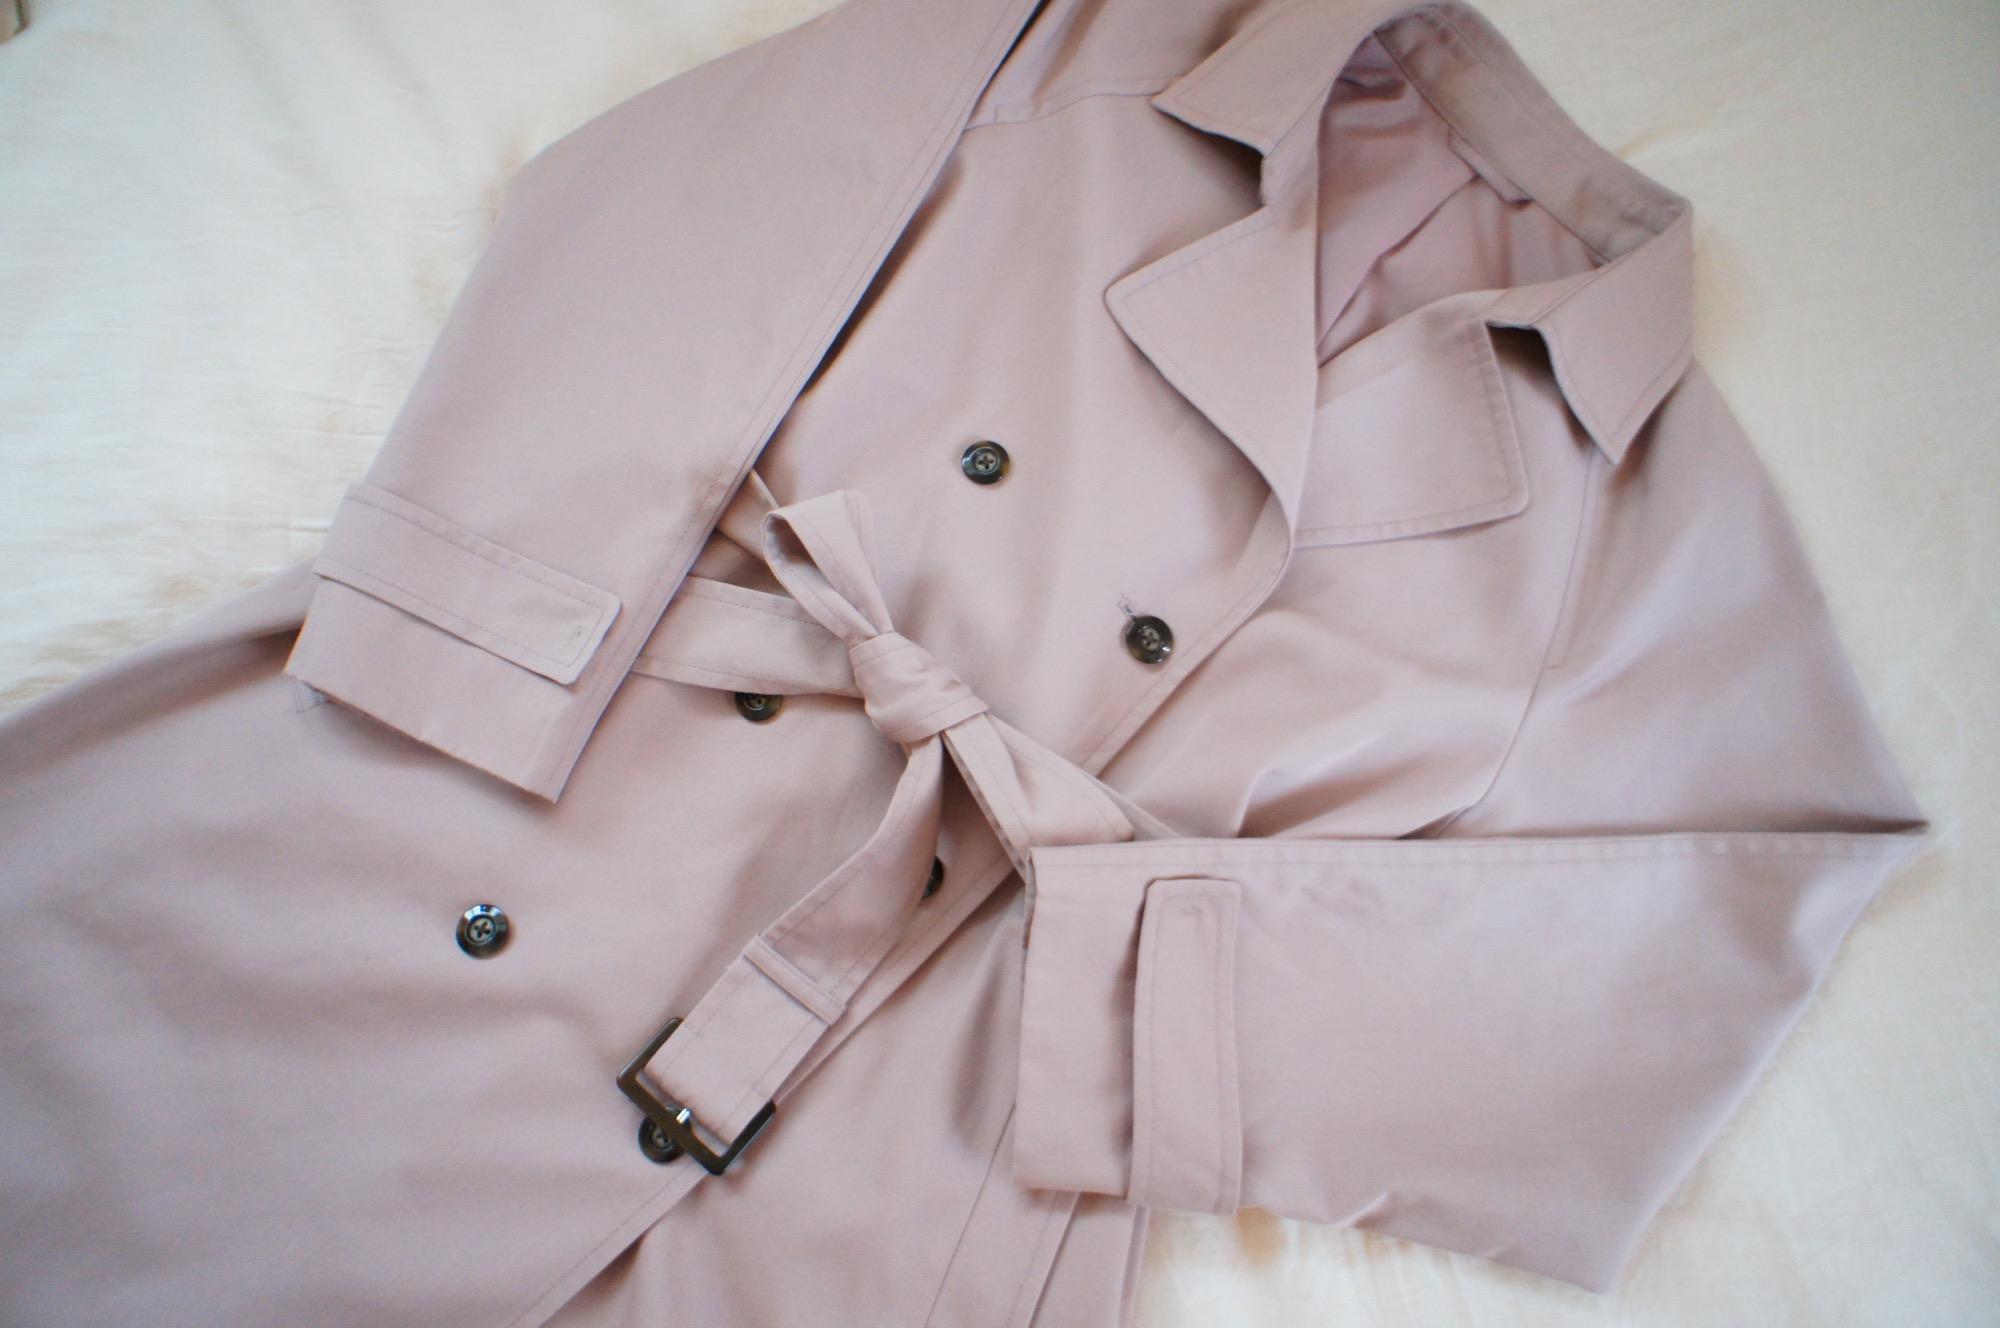 《#170cmトールガール》のプチプラコーデ❤️【GU】人と被らない!くすみピンクのトレンチコートが優秀☻_1